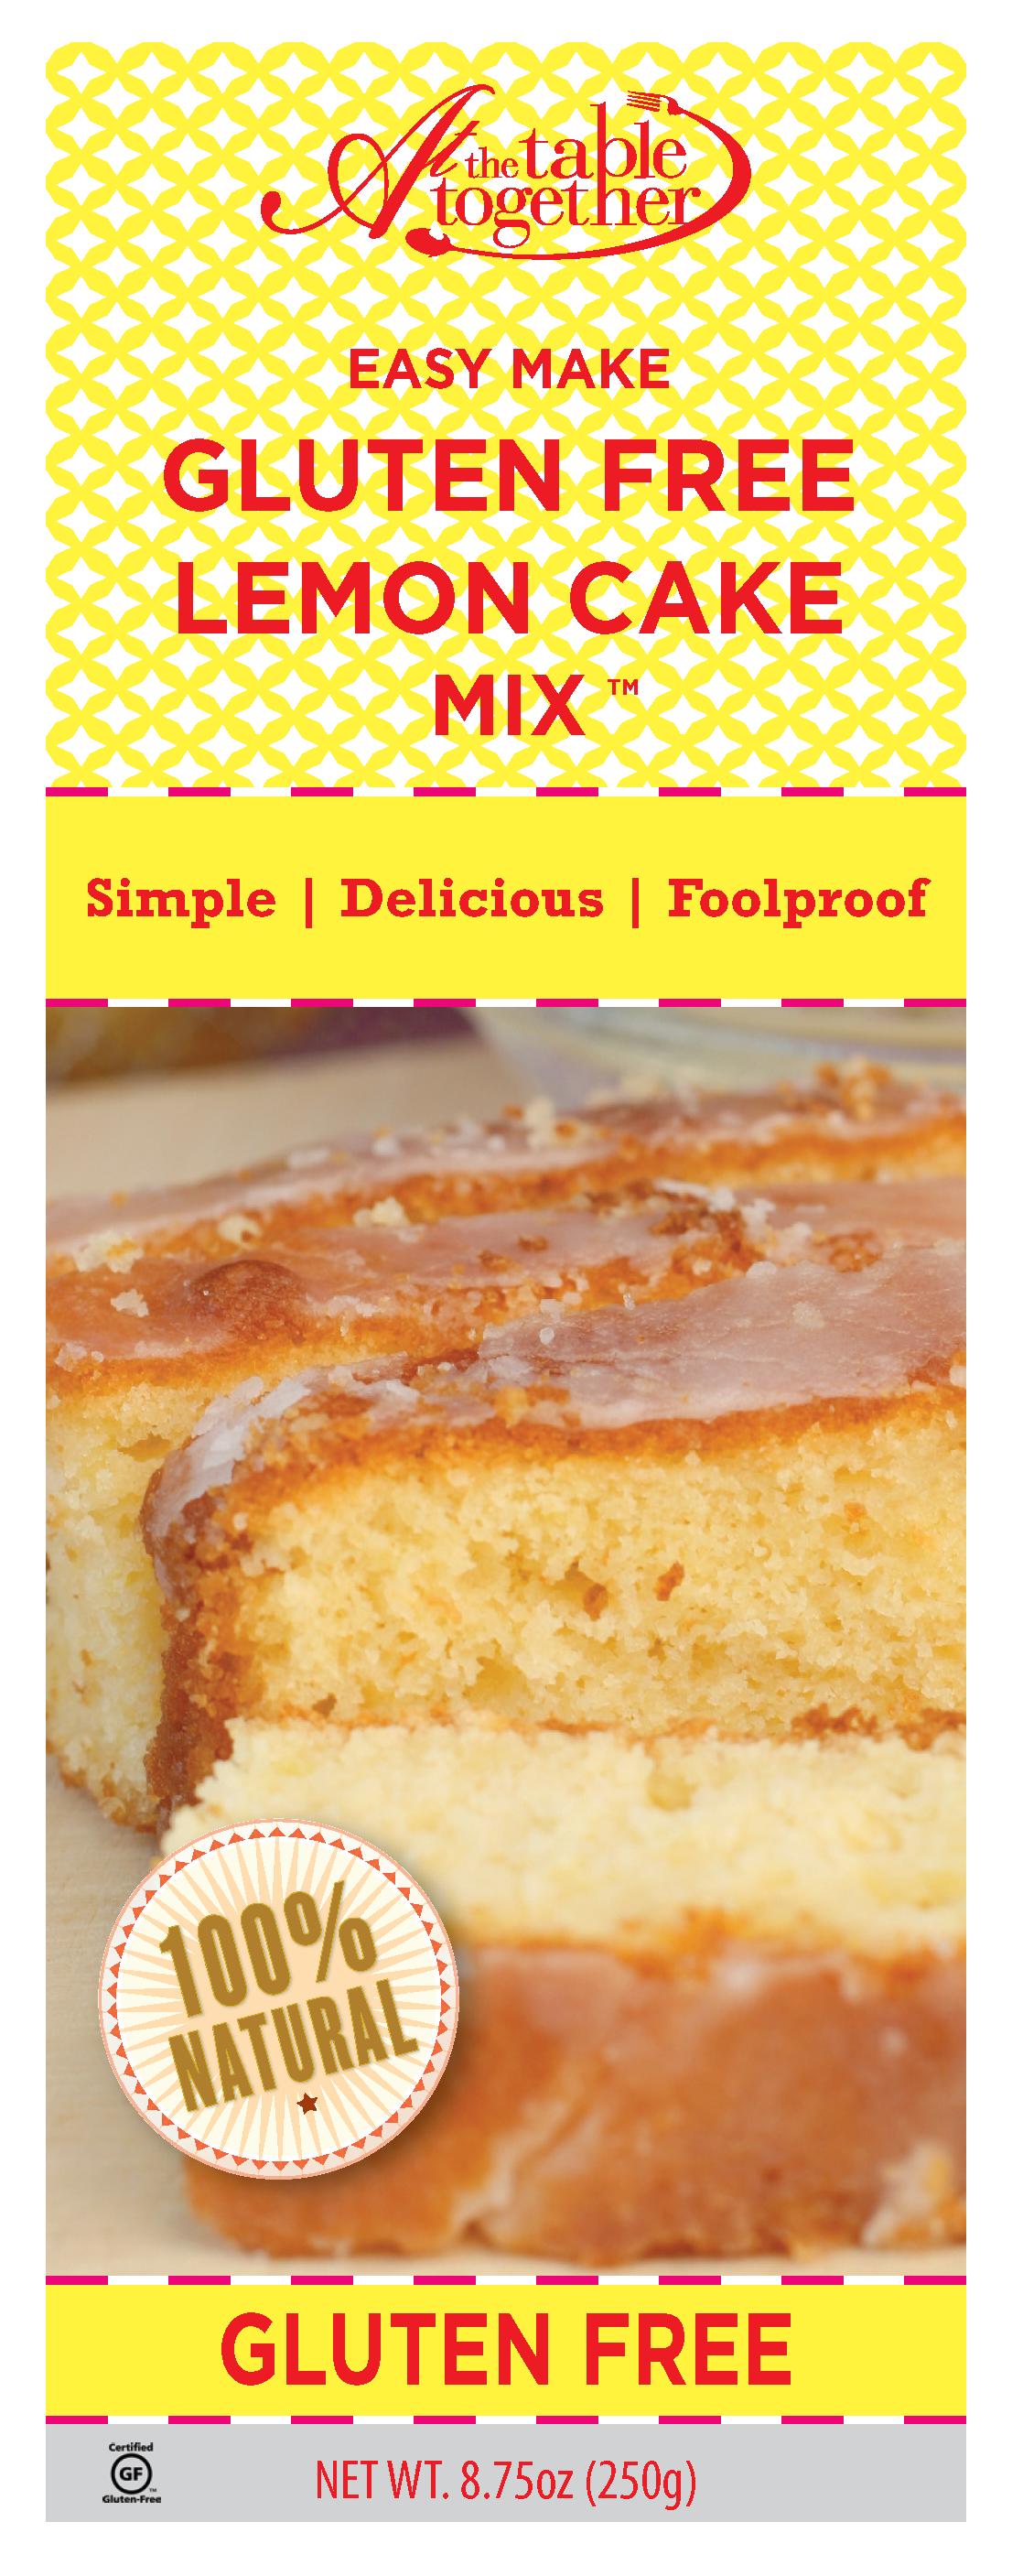 Sweet Success Cake Mix